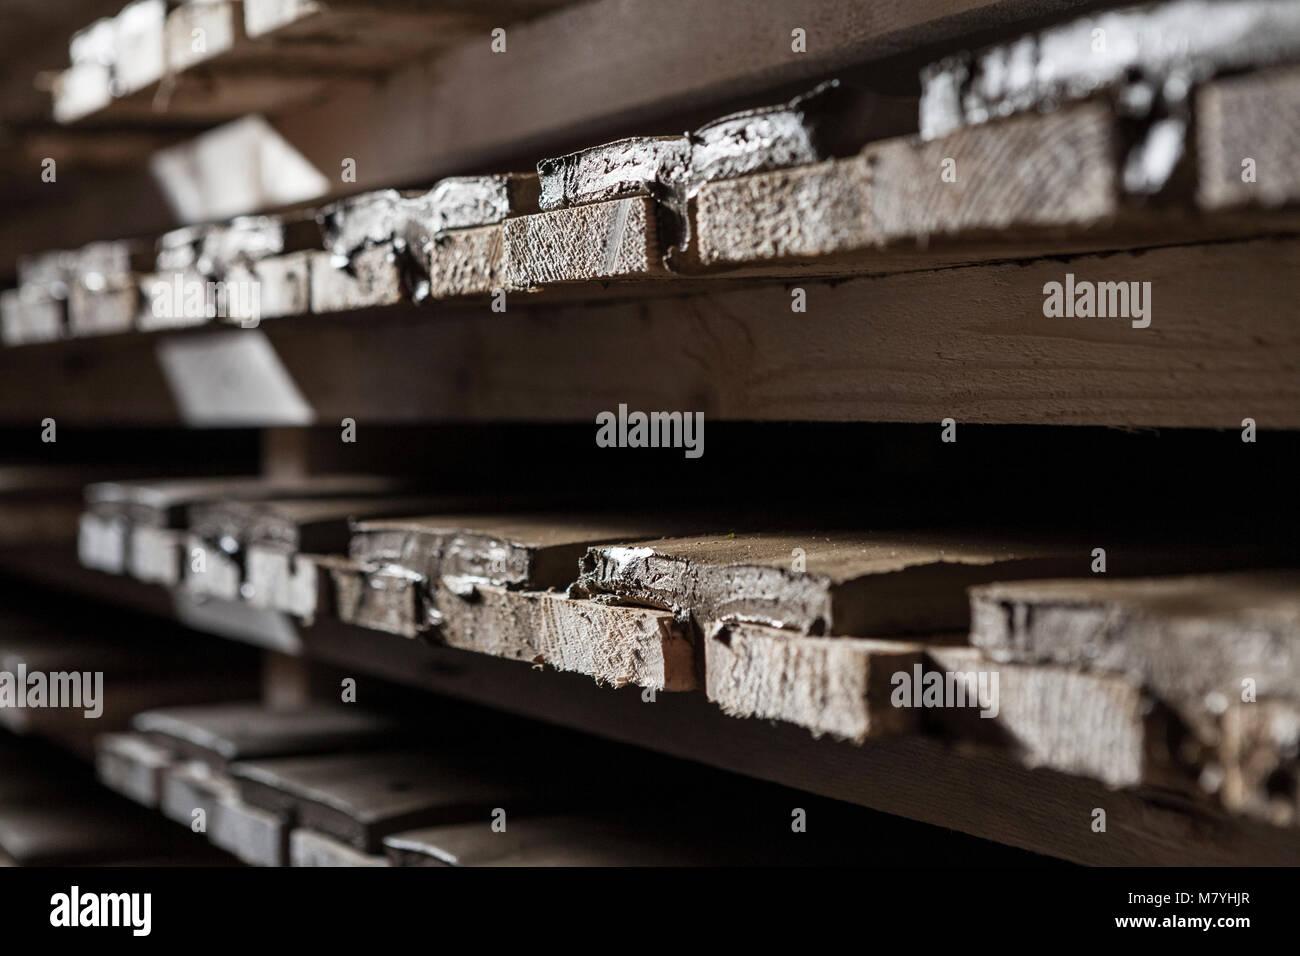 Tetto di argilla piastrelle impilate su ripiani pronto per essere